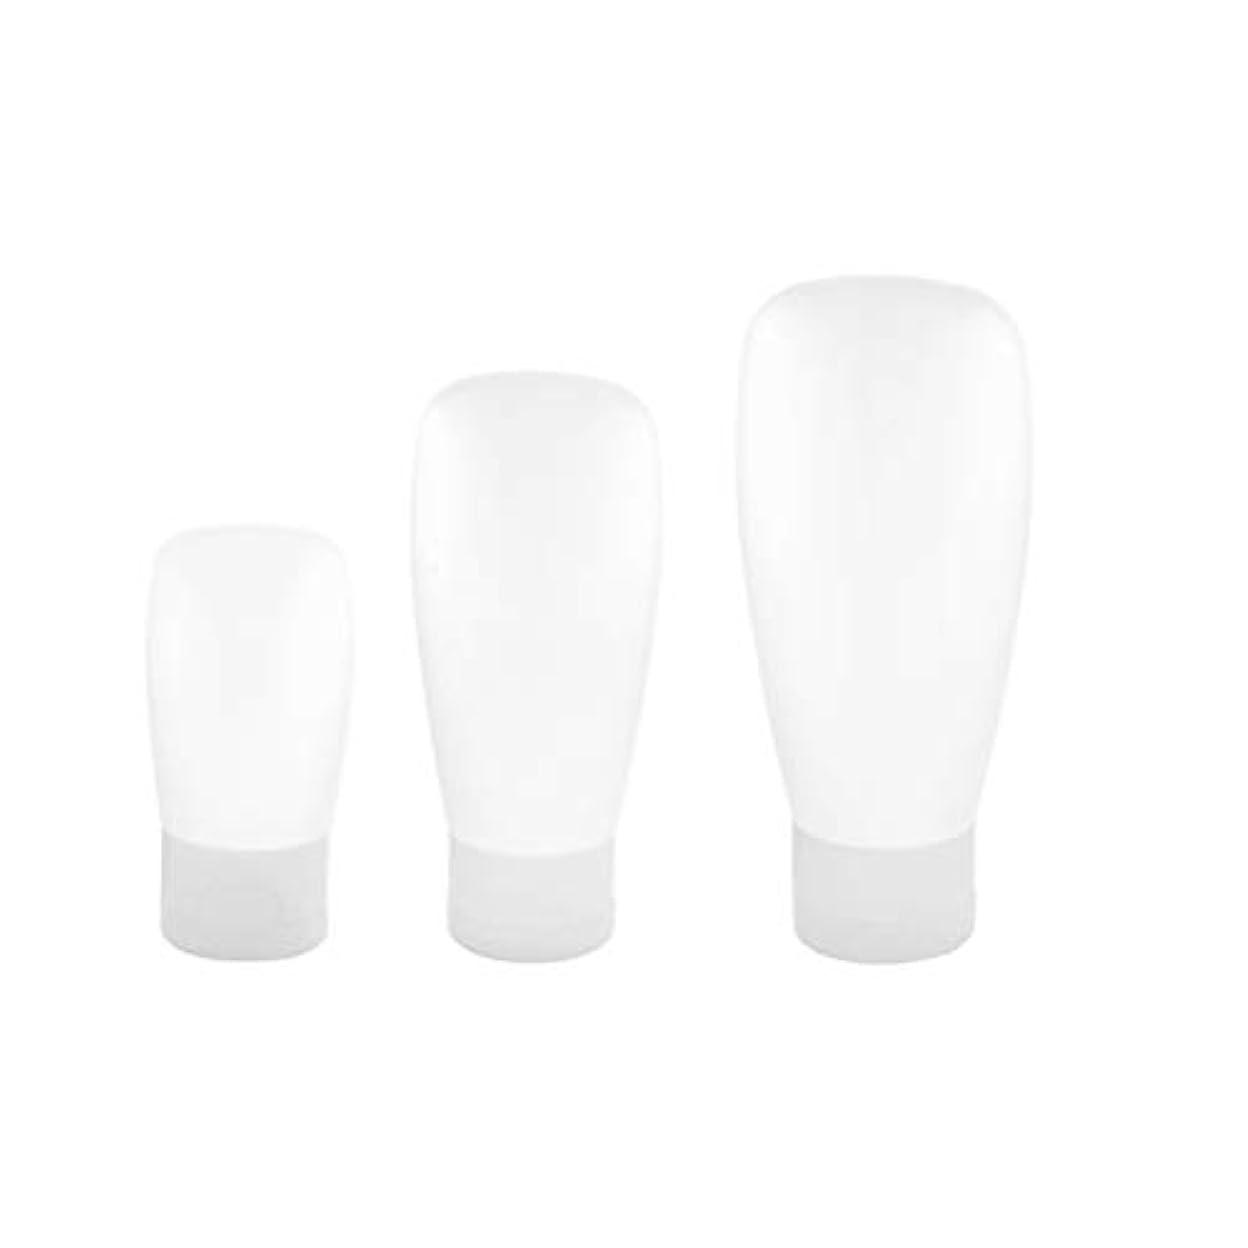 存在する保存妊娠したTOPBATHY 3本旅行ボトルプラスチック詰め替え式トラベルコンテナスクイーズトラベルチューブセット用シャンプーローションソープ30ML 60ML 100ML(ホワイト)